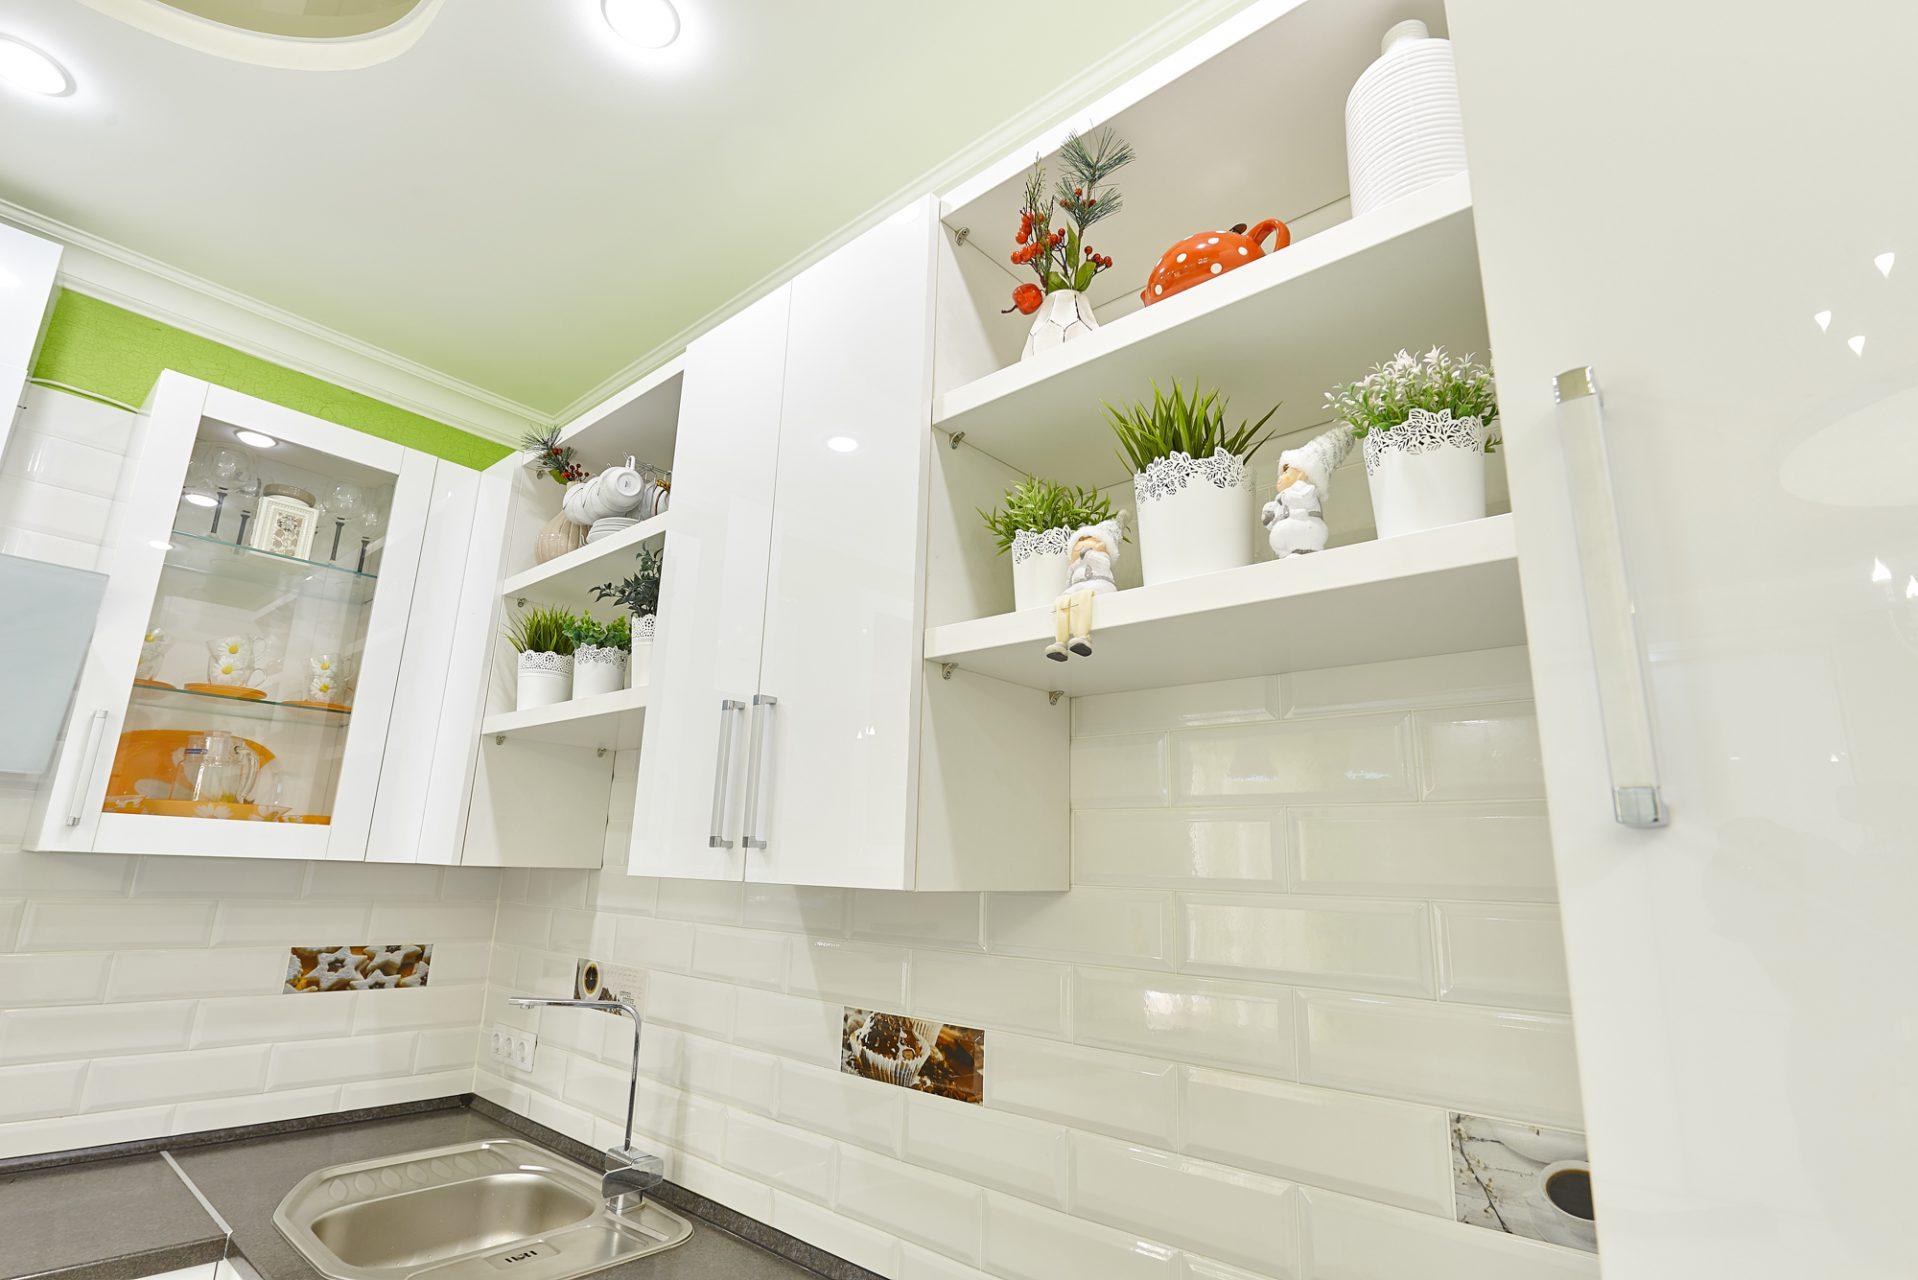 011_interior_kitchen1_korneychikeu